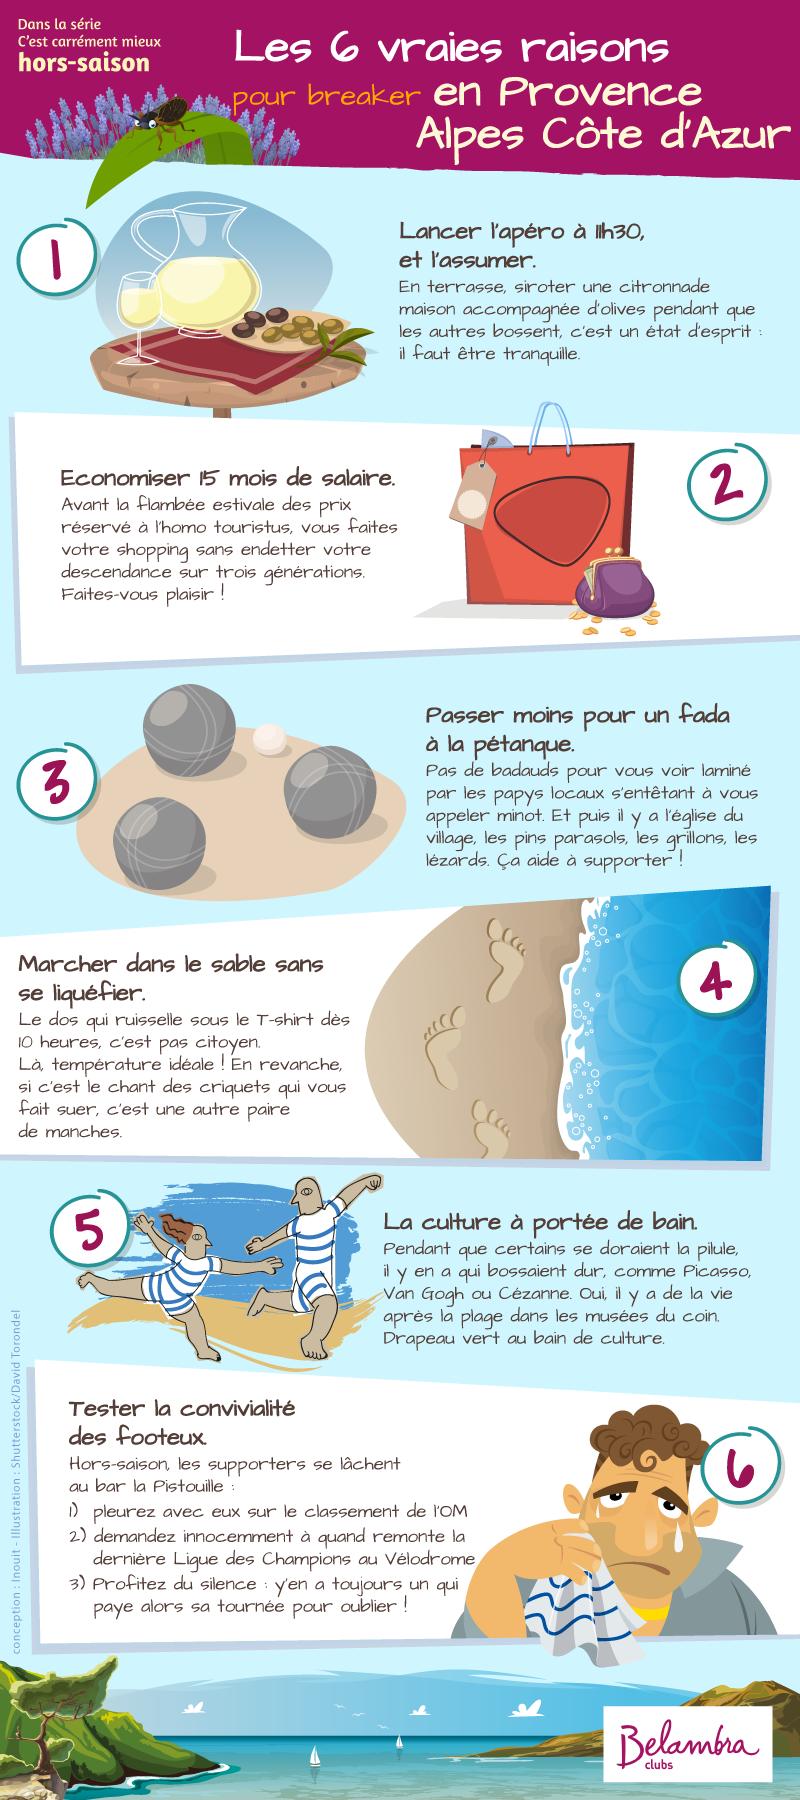 Les 6 vraies raisons pour breaker en Provence-Alpes-Côte d'Azur